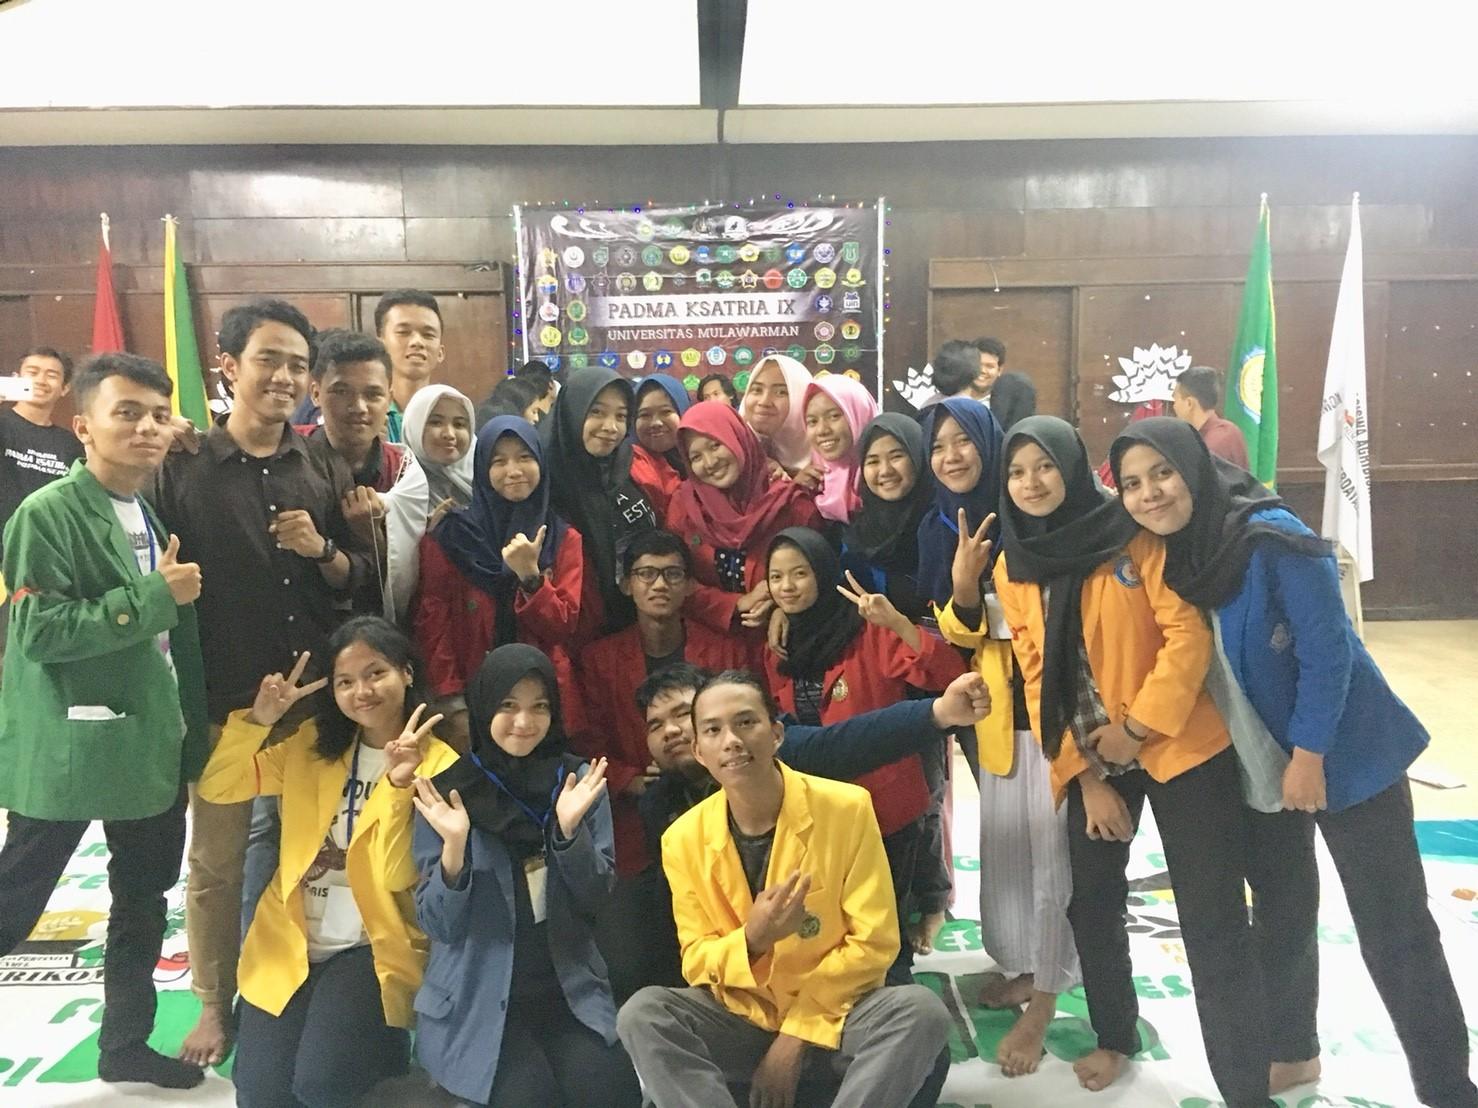 Mahasiswa Sosial Ekonomi Pertanian Se-Indonesia gelar Padmakstaria IX di Samarinda-Kalimantan Timur